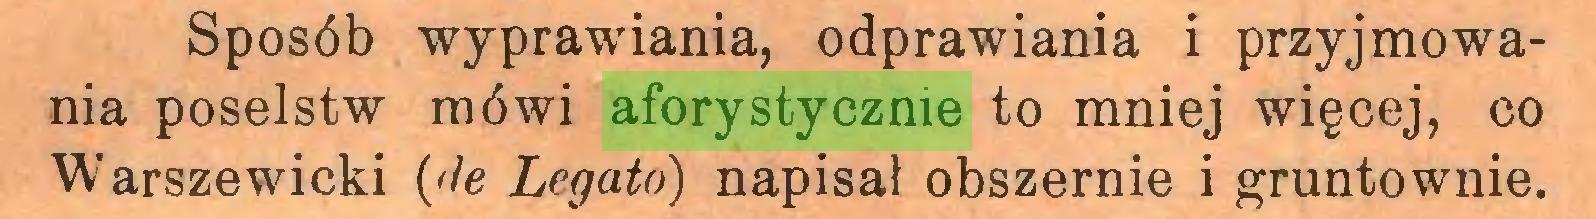 (...) Sposób wyprawiania, odprawiania i przyjmowania poselstw mówi aforystycznie to mniej więcej, co Warszewicki {de Legato) napisał obszernie i gruntownie...